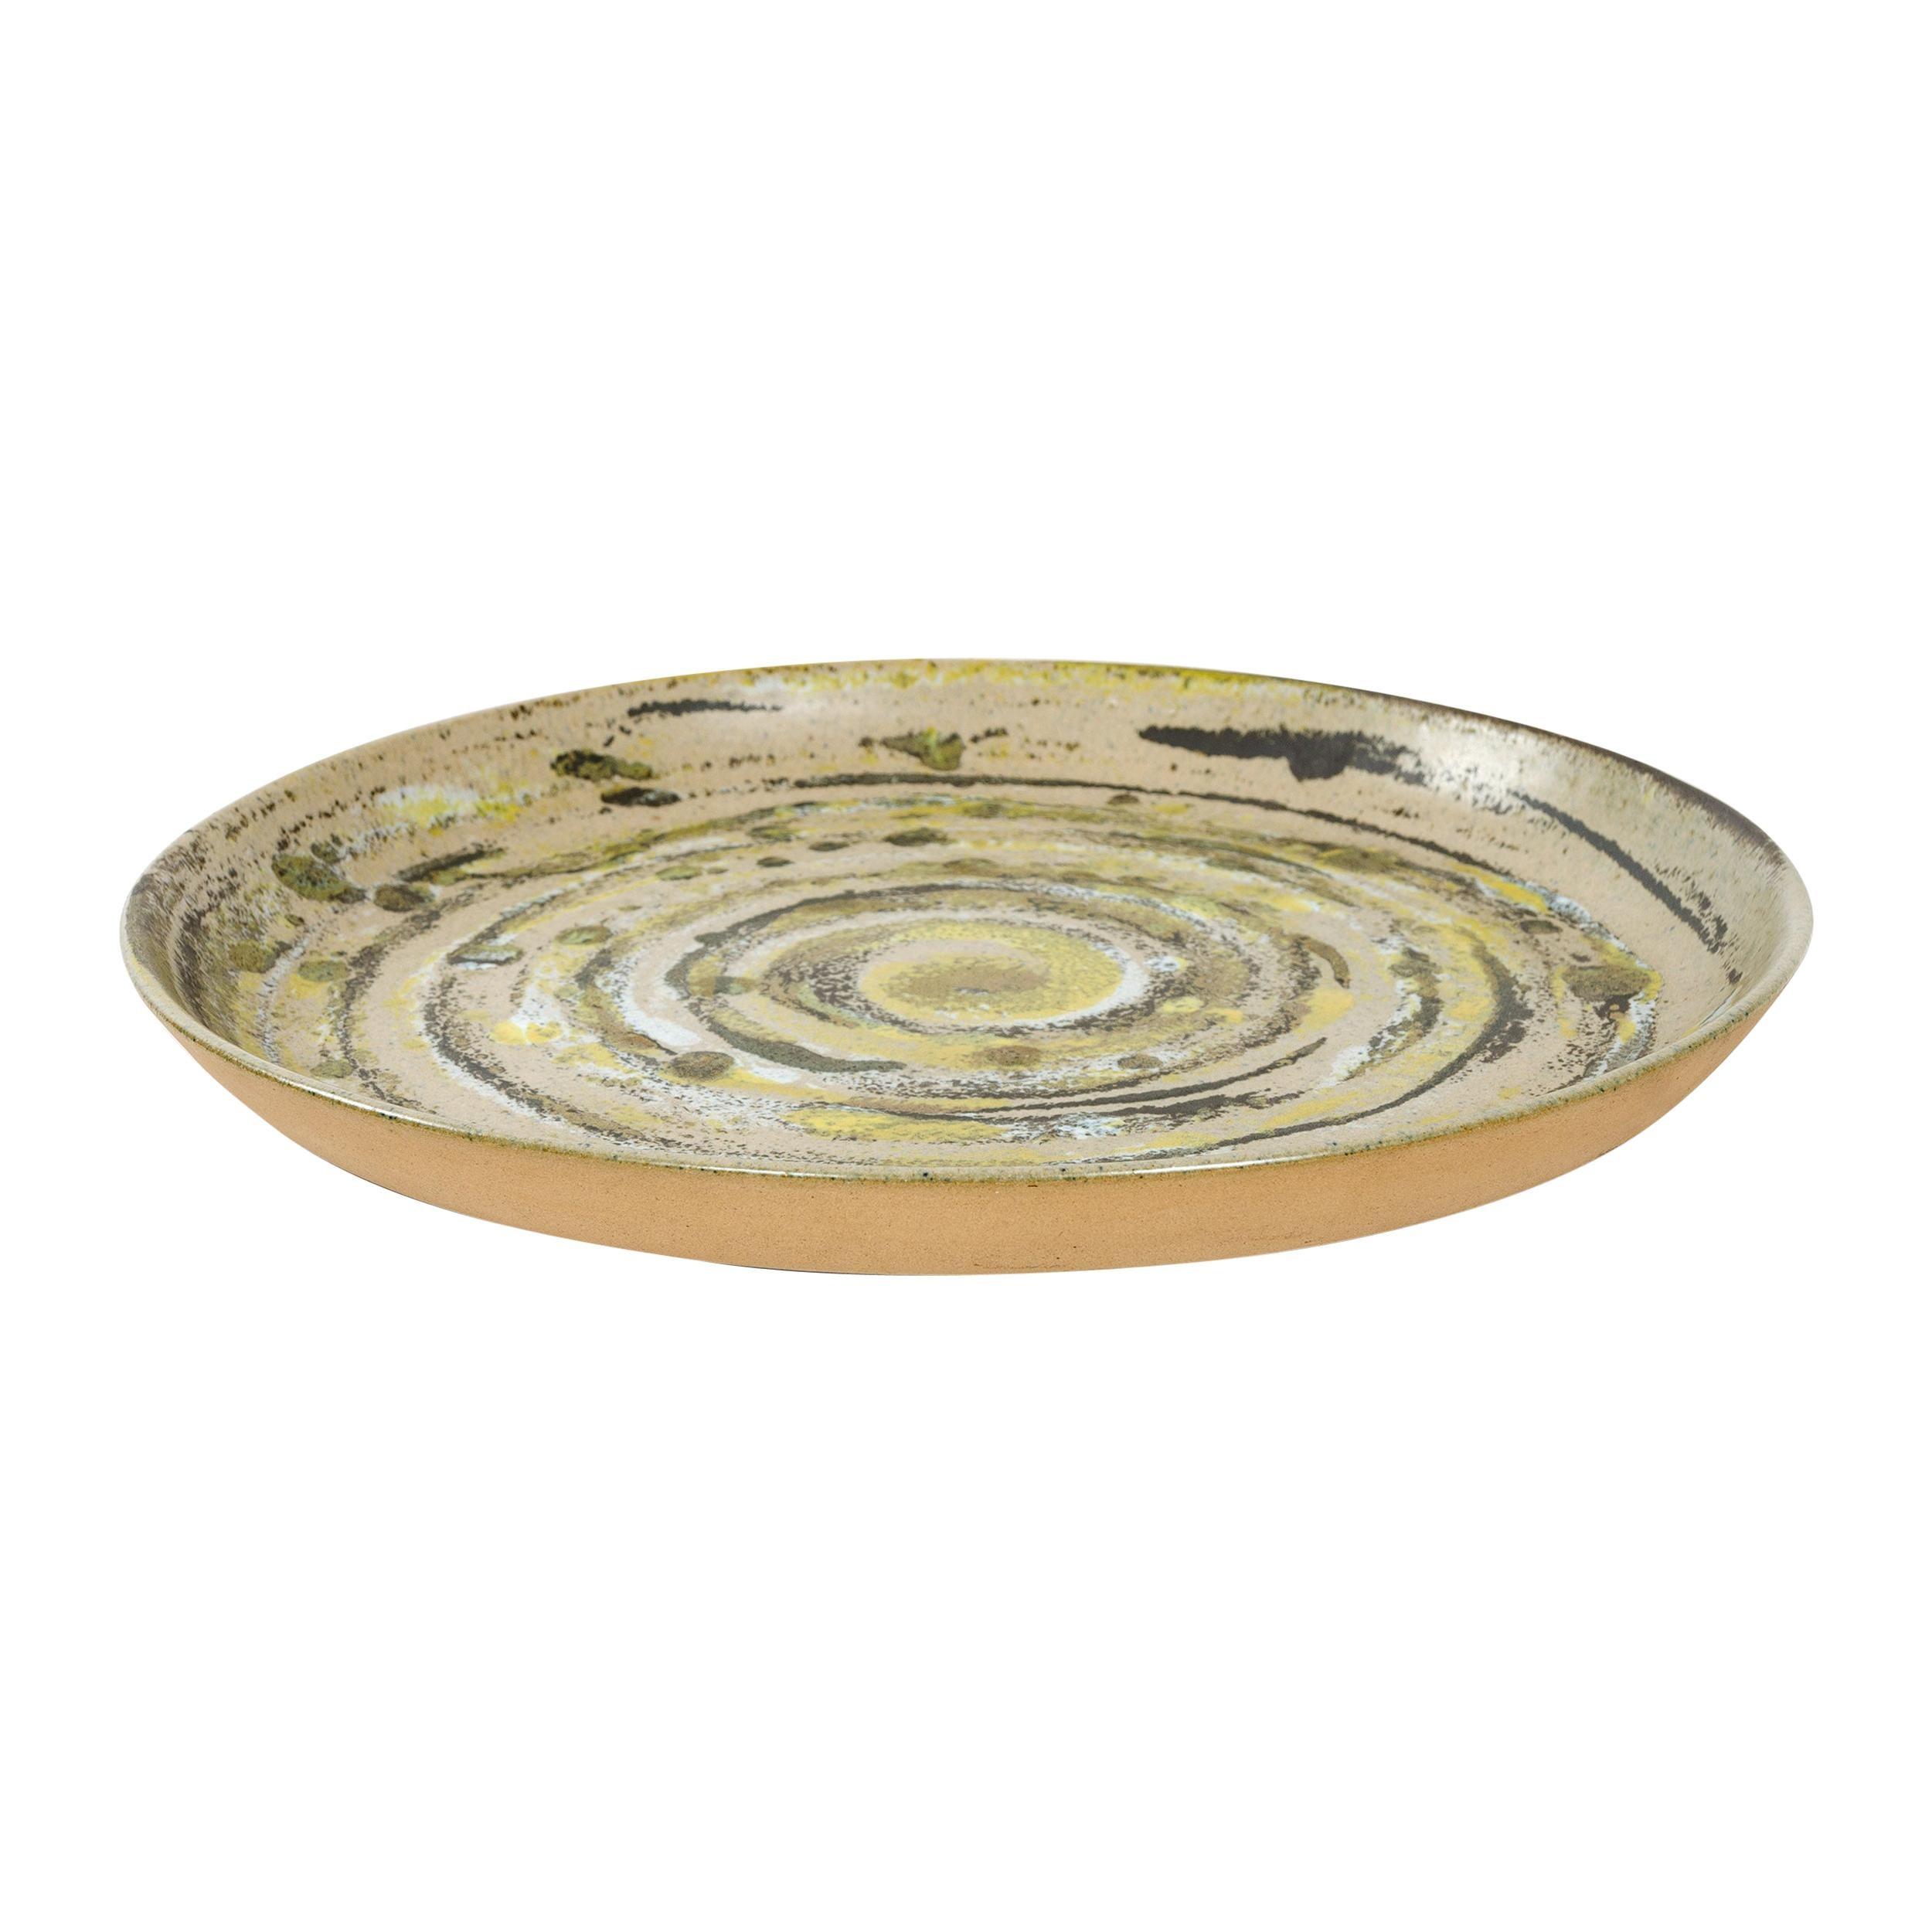 1960s Ceramic Platter by Gordon & Jane Martz for Marshall Studios